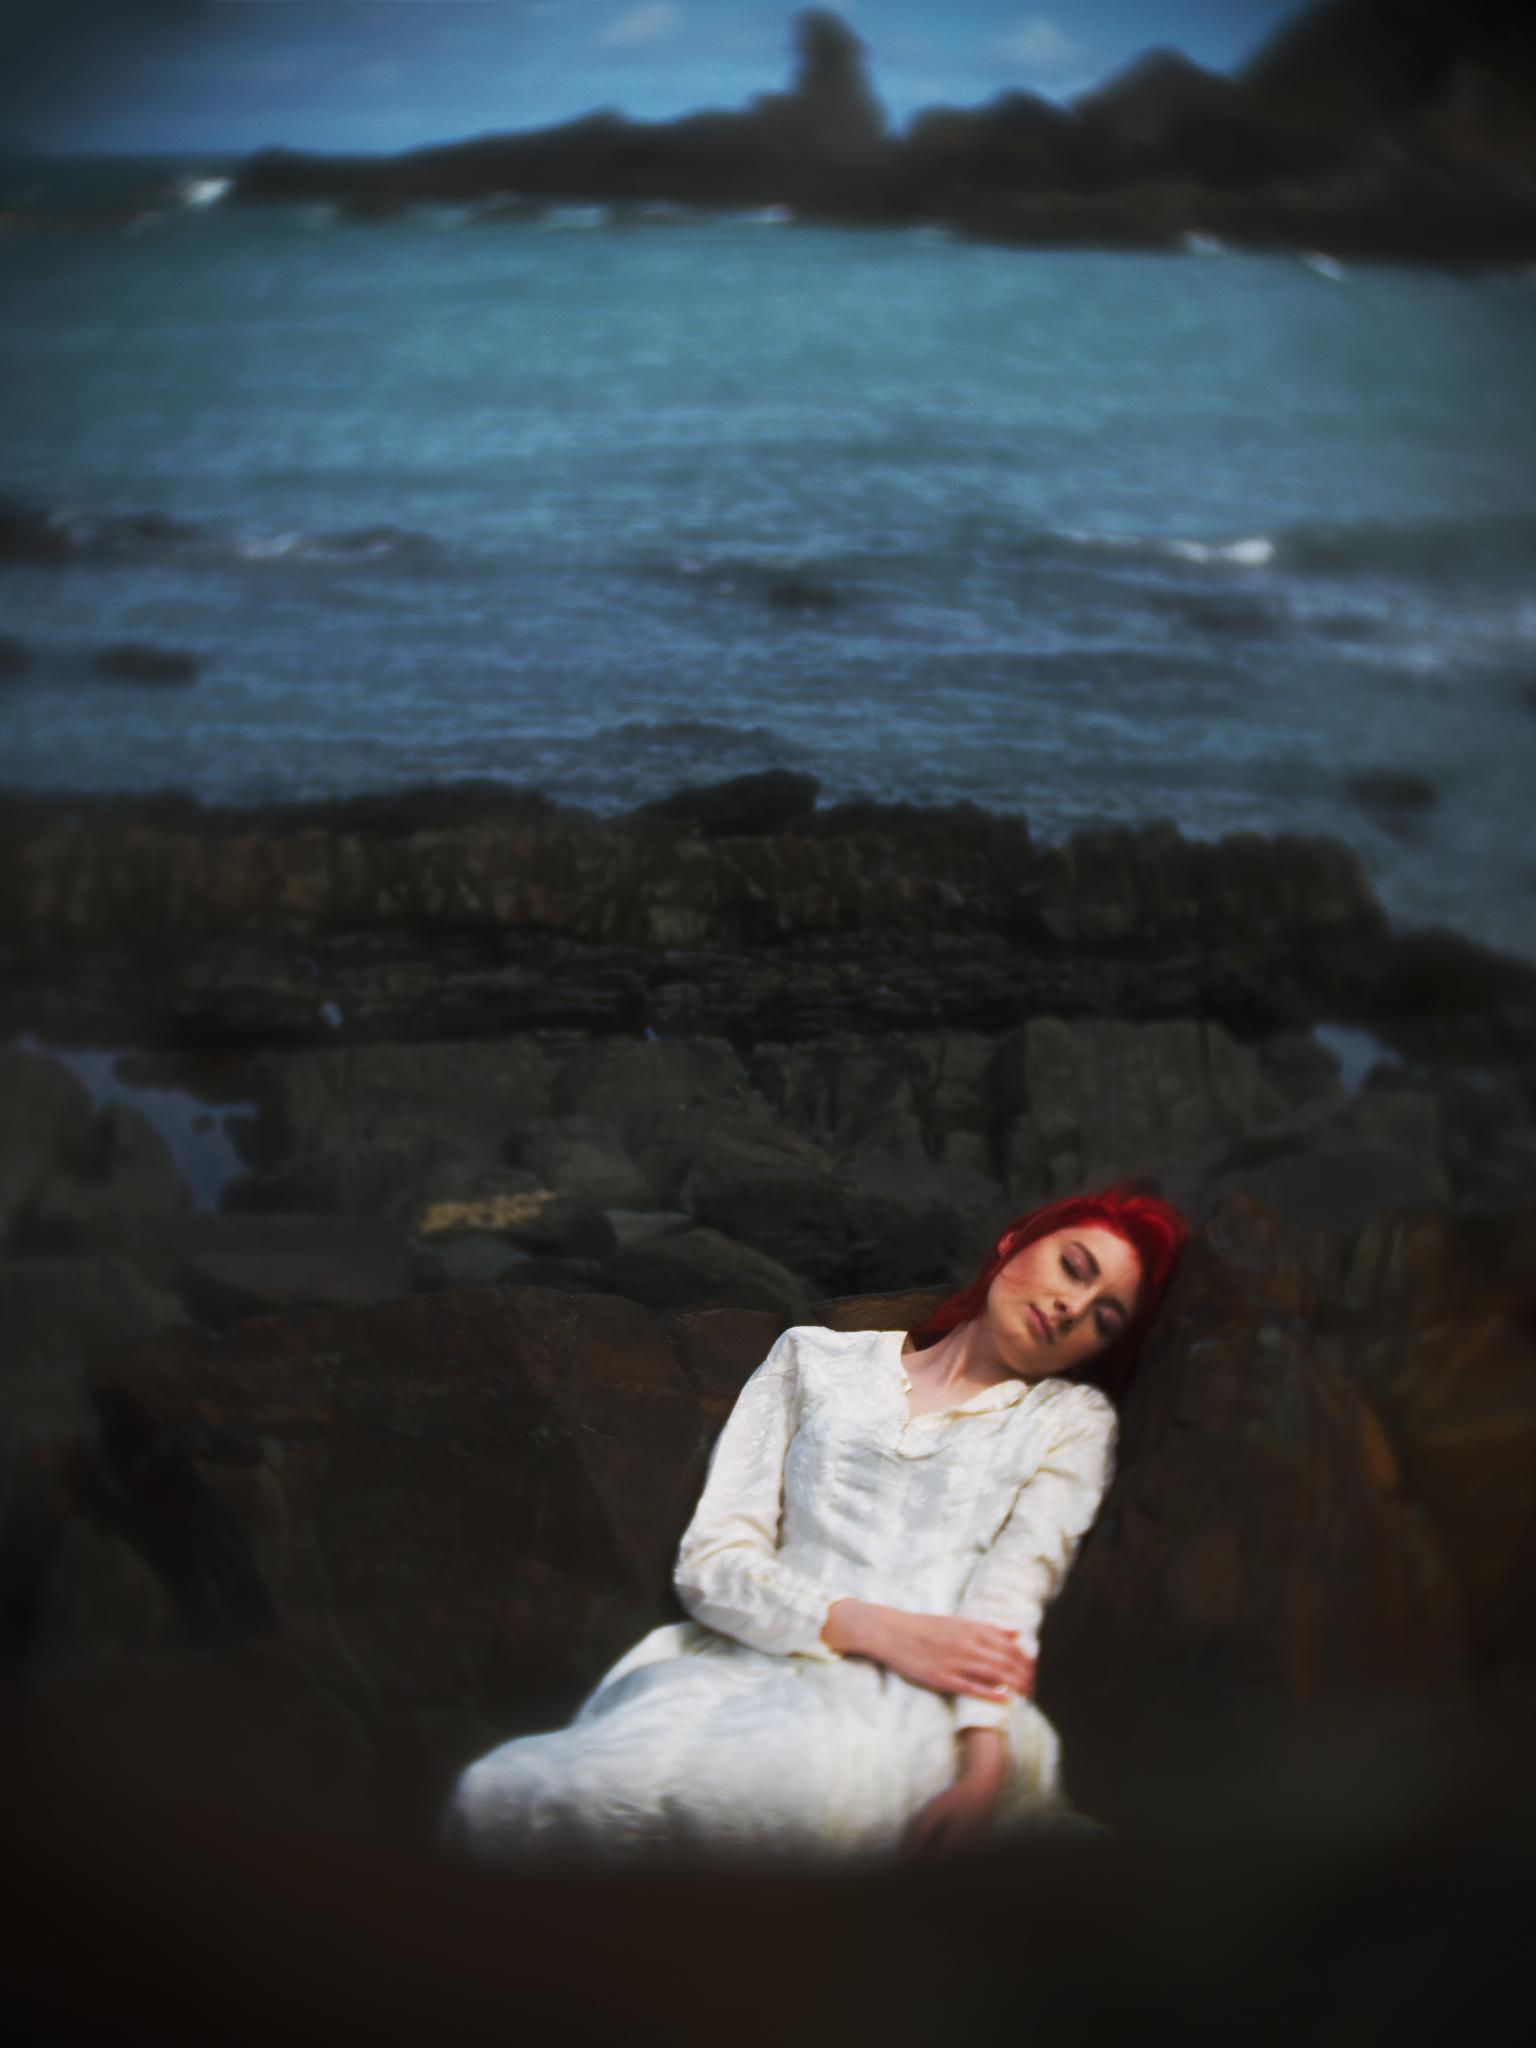 Sleeping Beauty by Paul Harris